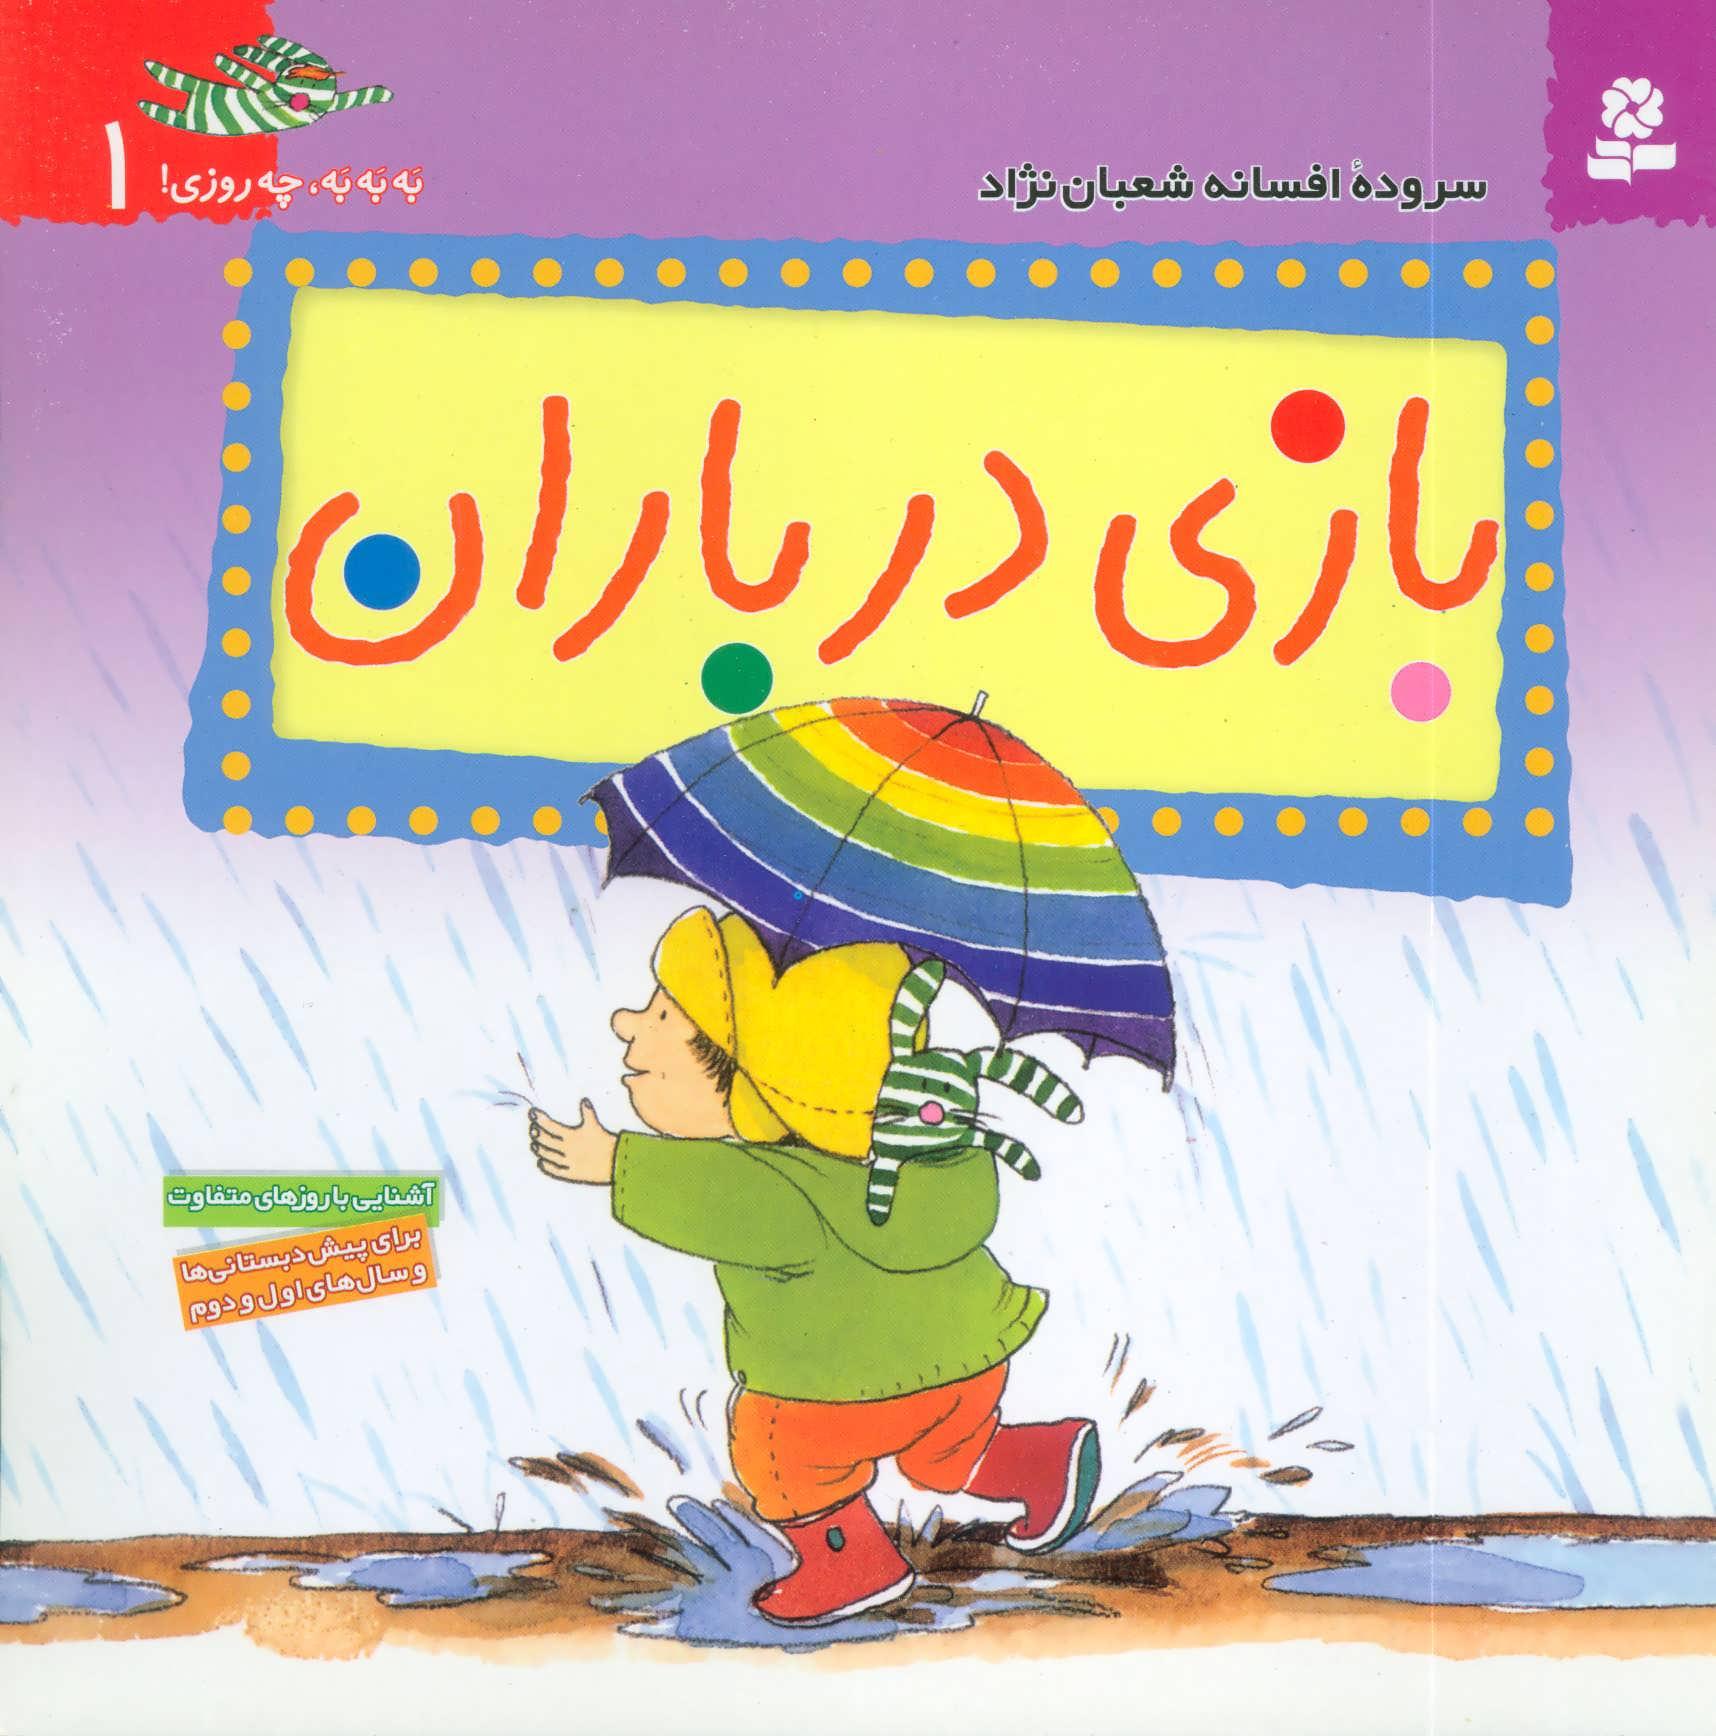 کتاب بازی در باران: آشنایی با روزهای متفاوت